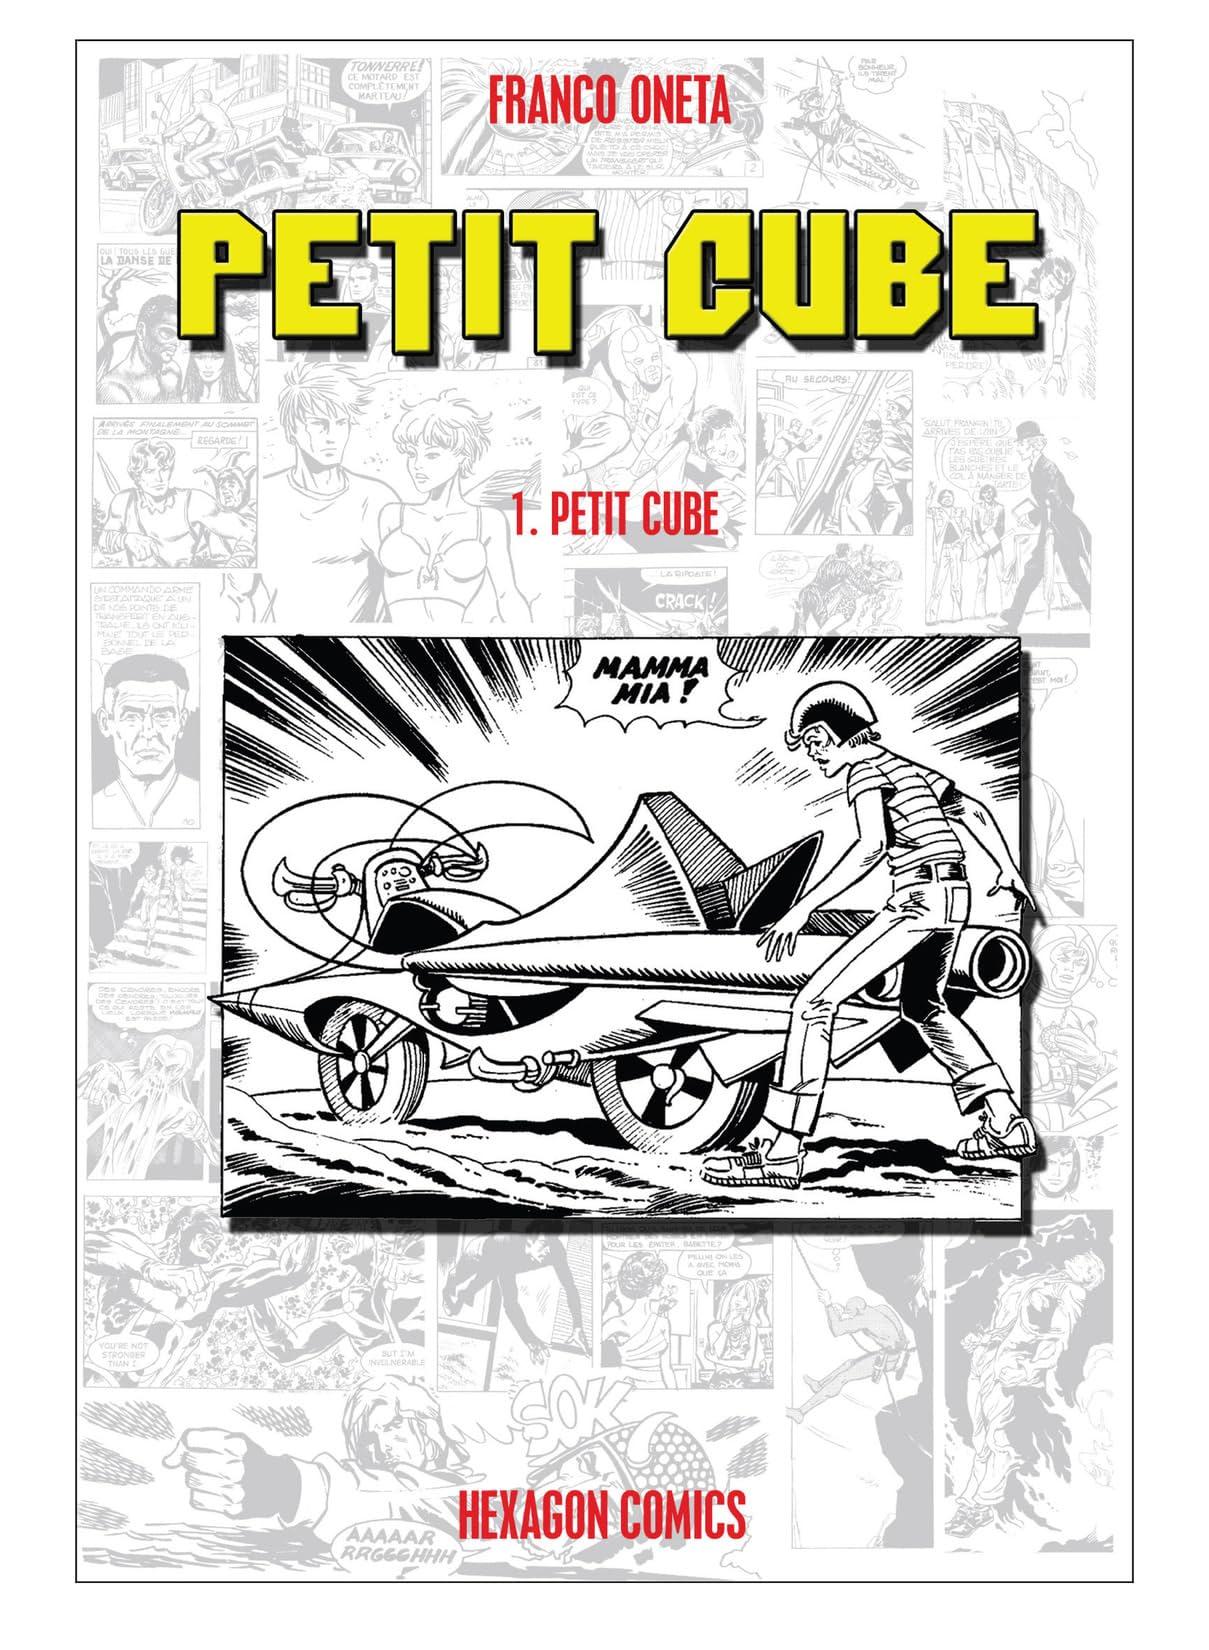 PETIT CUBE Vol. 1: Petit Cube